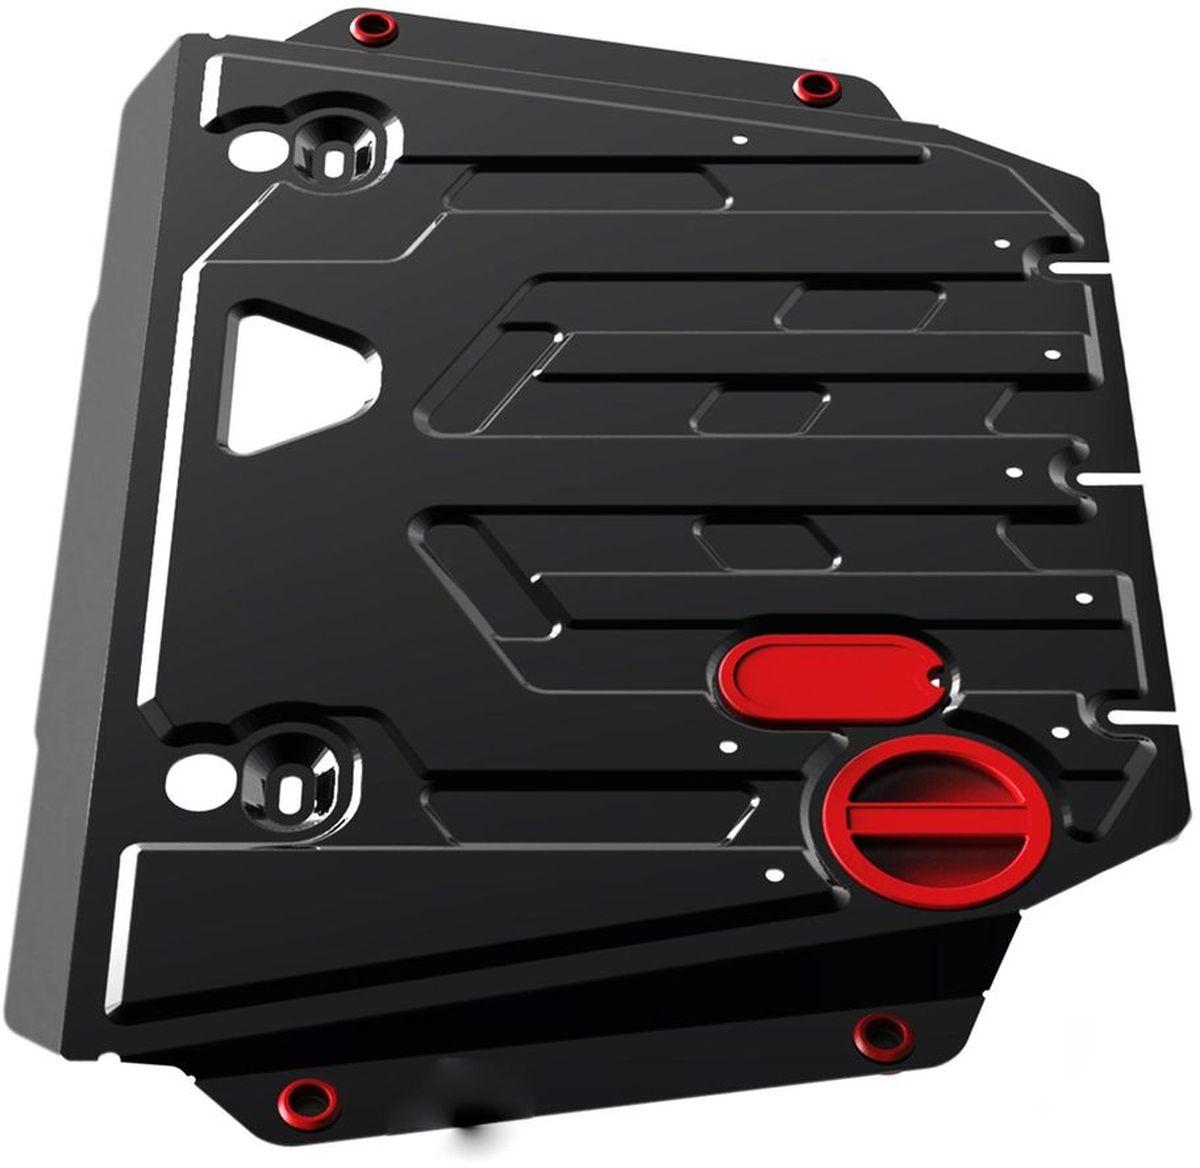 Защита картера Автоброня, для Toyota LC150 часть 1, V - 4,0; V - 3,0TD / Lexus GX 460, V - 4,6111.05783.1Технологически совершенный продукт за невысокую стоимость. Защита разработана с учетом особенностей днища автомобиля, что позволяет сохранить дорожный просвет с минимальным изменением. Защита устанавливается в штатные места кузова автомобиля. Глубокий штамп обеспечивает до двух раз больше жесткости в сравнении с обычной защитой той же толщины. Проштампованные ребра жесткости препятствуют деформации защиты при ударах. Тепловой зазор и вентиляционные отверстия обеспечивают сохранение температурного режима двигателя в норме. Скрытый крепеж предотвращает срыв крепежных элементов при наезде на препятствие. Шумопоглощающие резиновые элементы обеспечивают комфортную езду без вибраций и скрежета металла, а съемные лючки для слива масла и замены фильтра - экономию средств и время. Конструкция изделия не влияет на пассивную безопасность автомобиля (при ударе защита не воздействует на деформационные зоны кузова). Со штатным крепежом. В комплекте инструкция по установке....